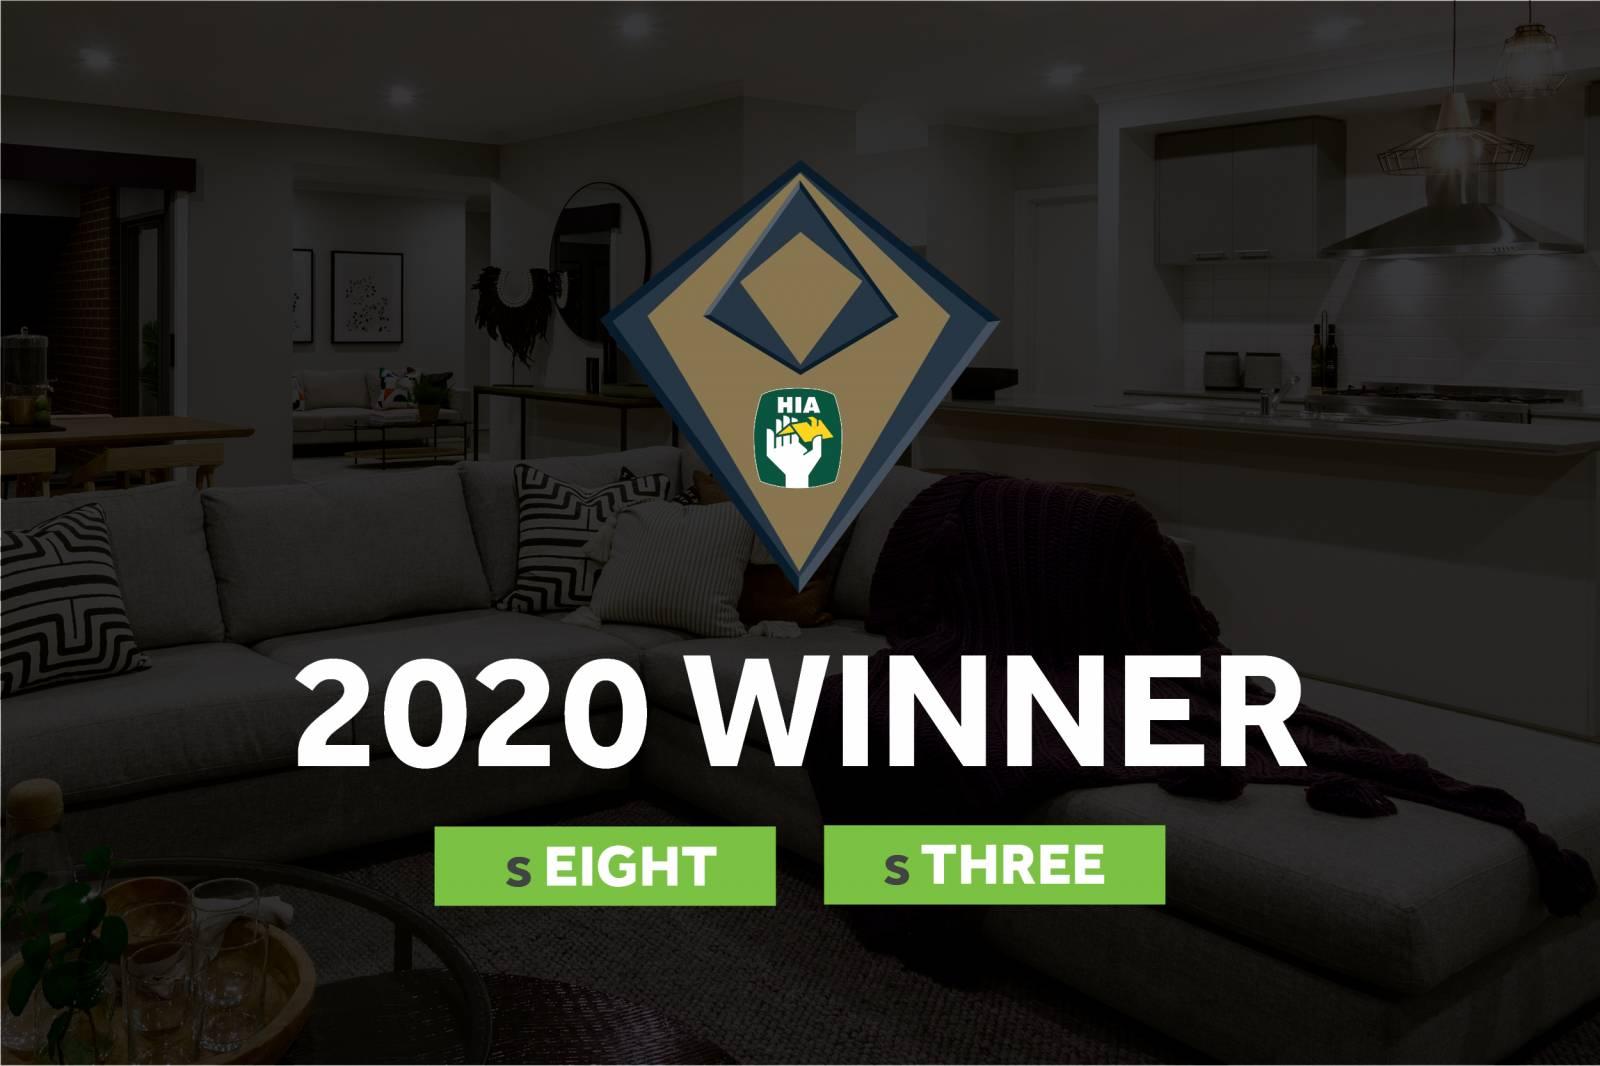 2020 HIA-CSR Victorian Award Winner!